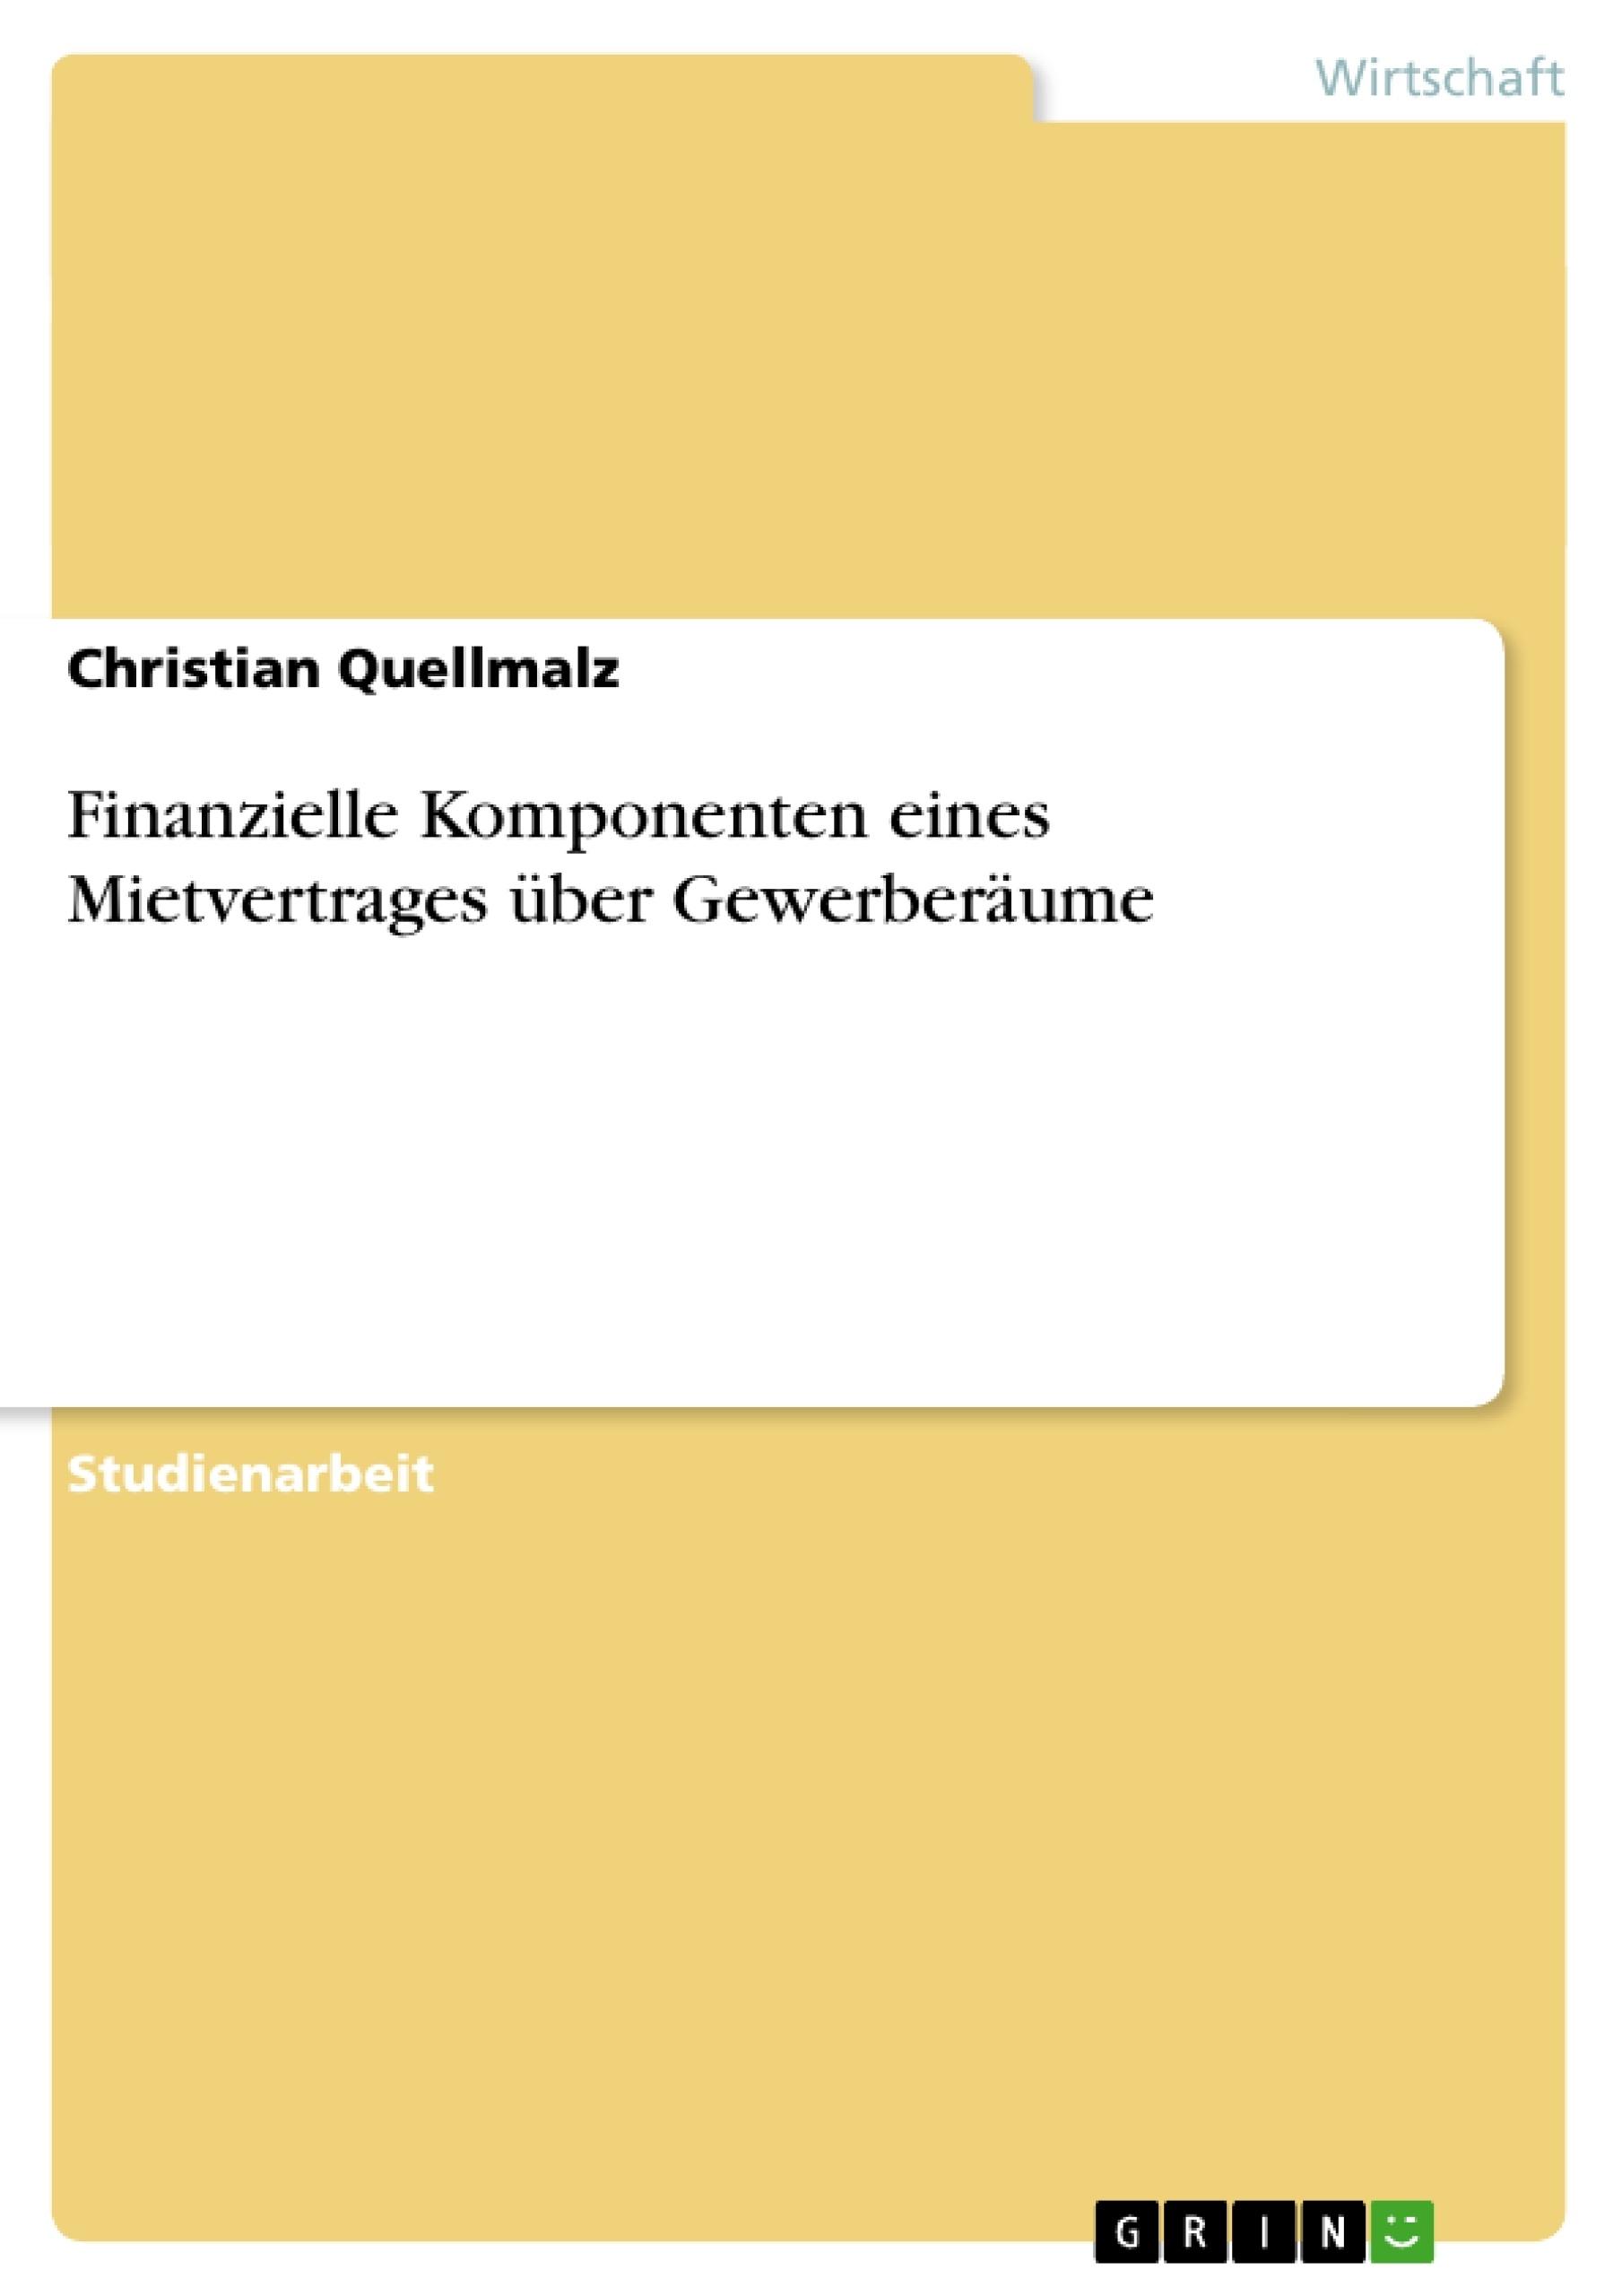 Titel: Finanzielle Komponenten eines Mietvertrages über Gewerberäume